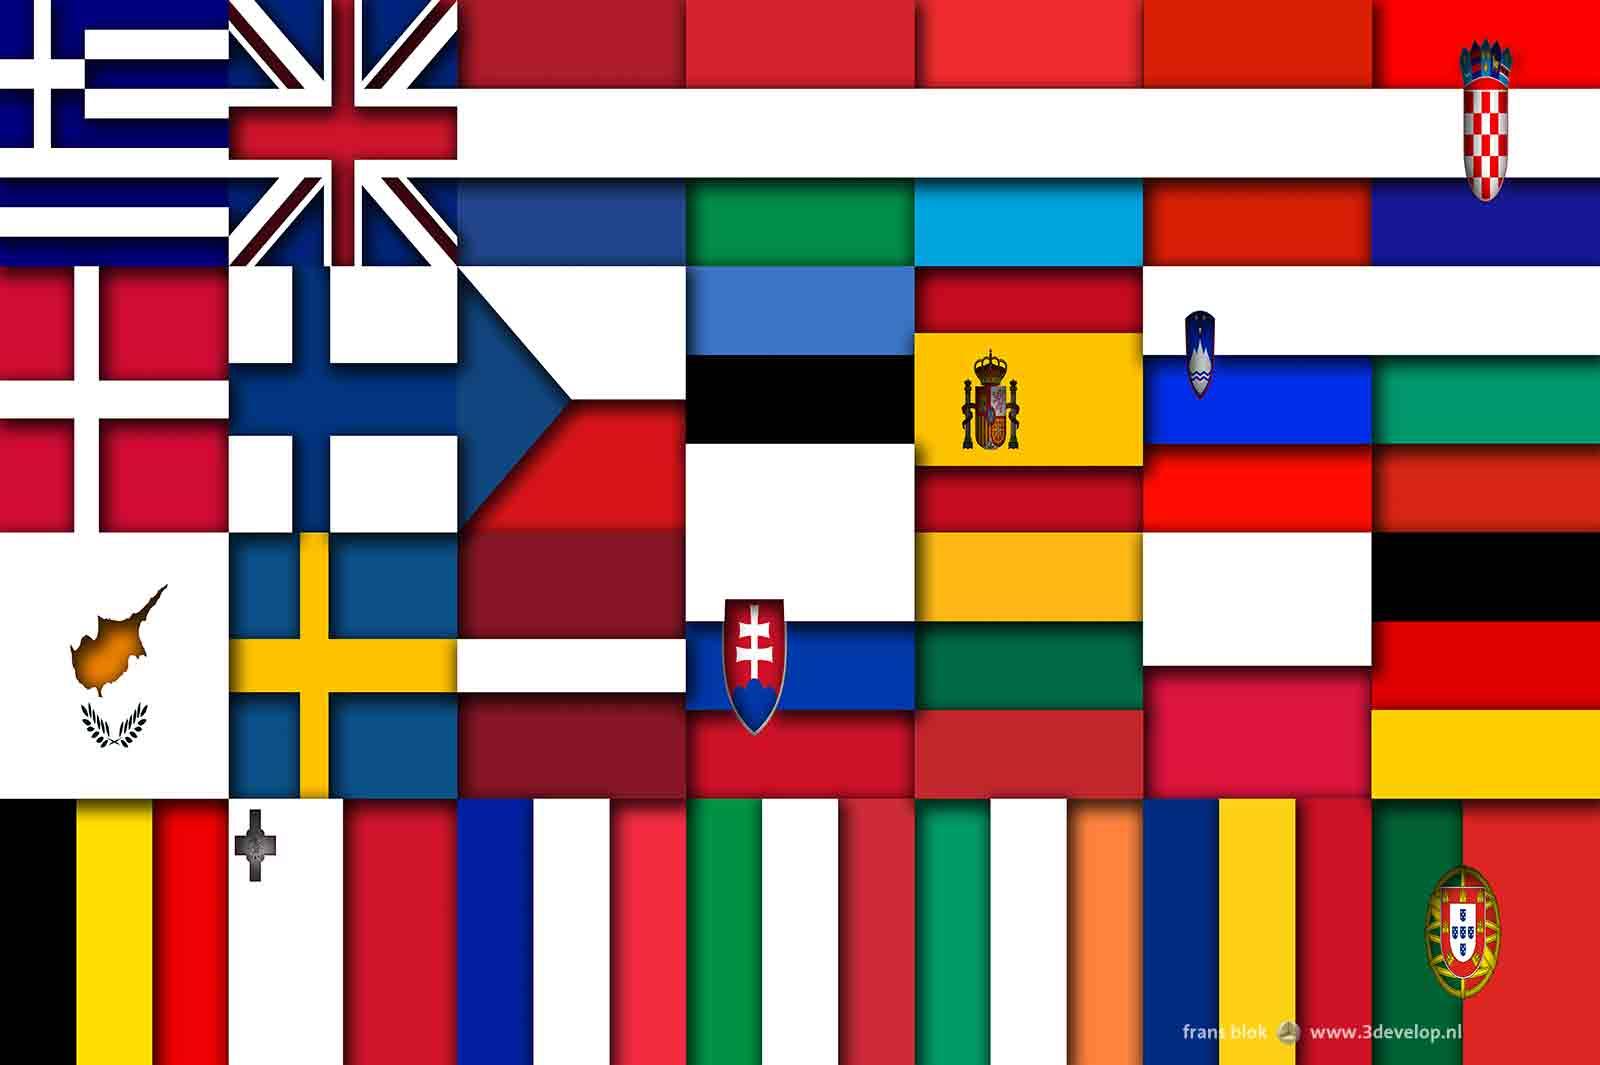 Een virtueel relief waarin de vlaggen van de 28 EU-lidstaten zijn verwerkt